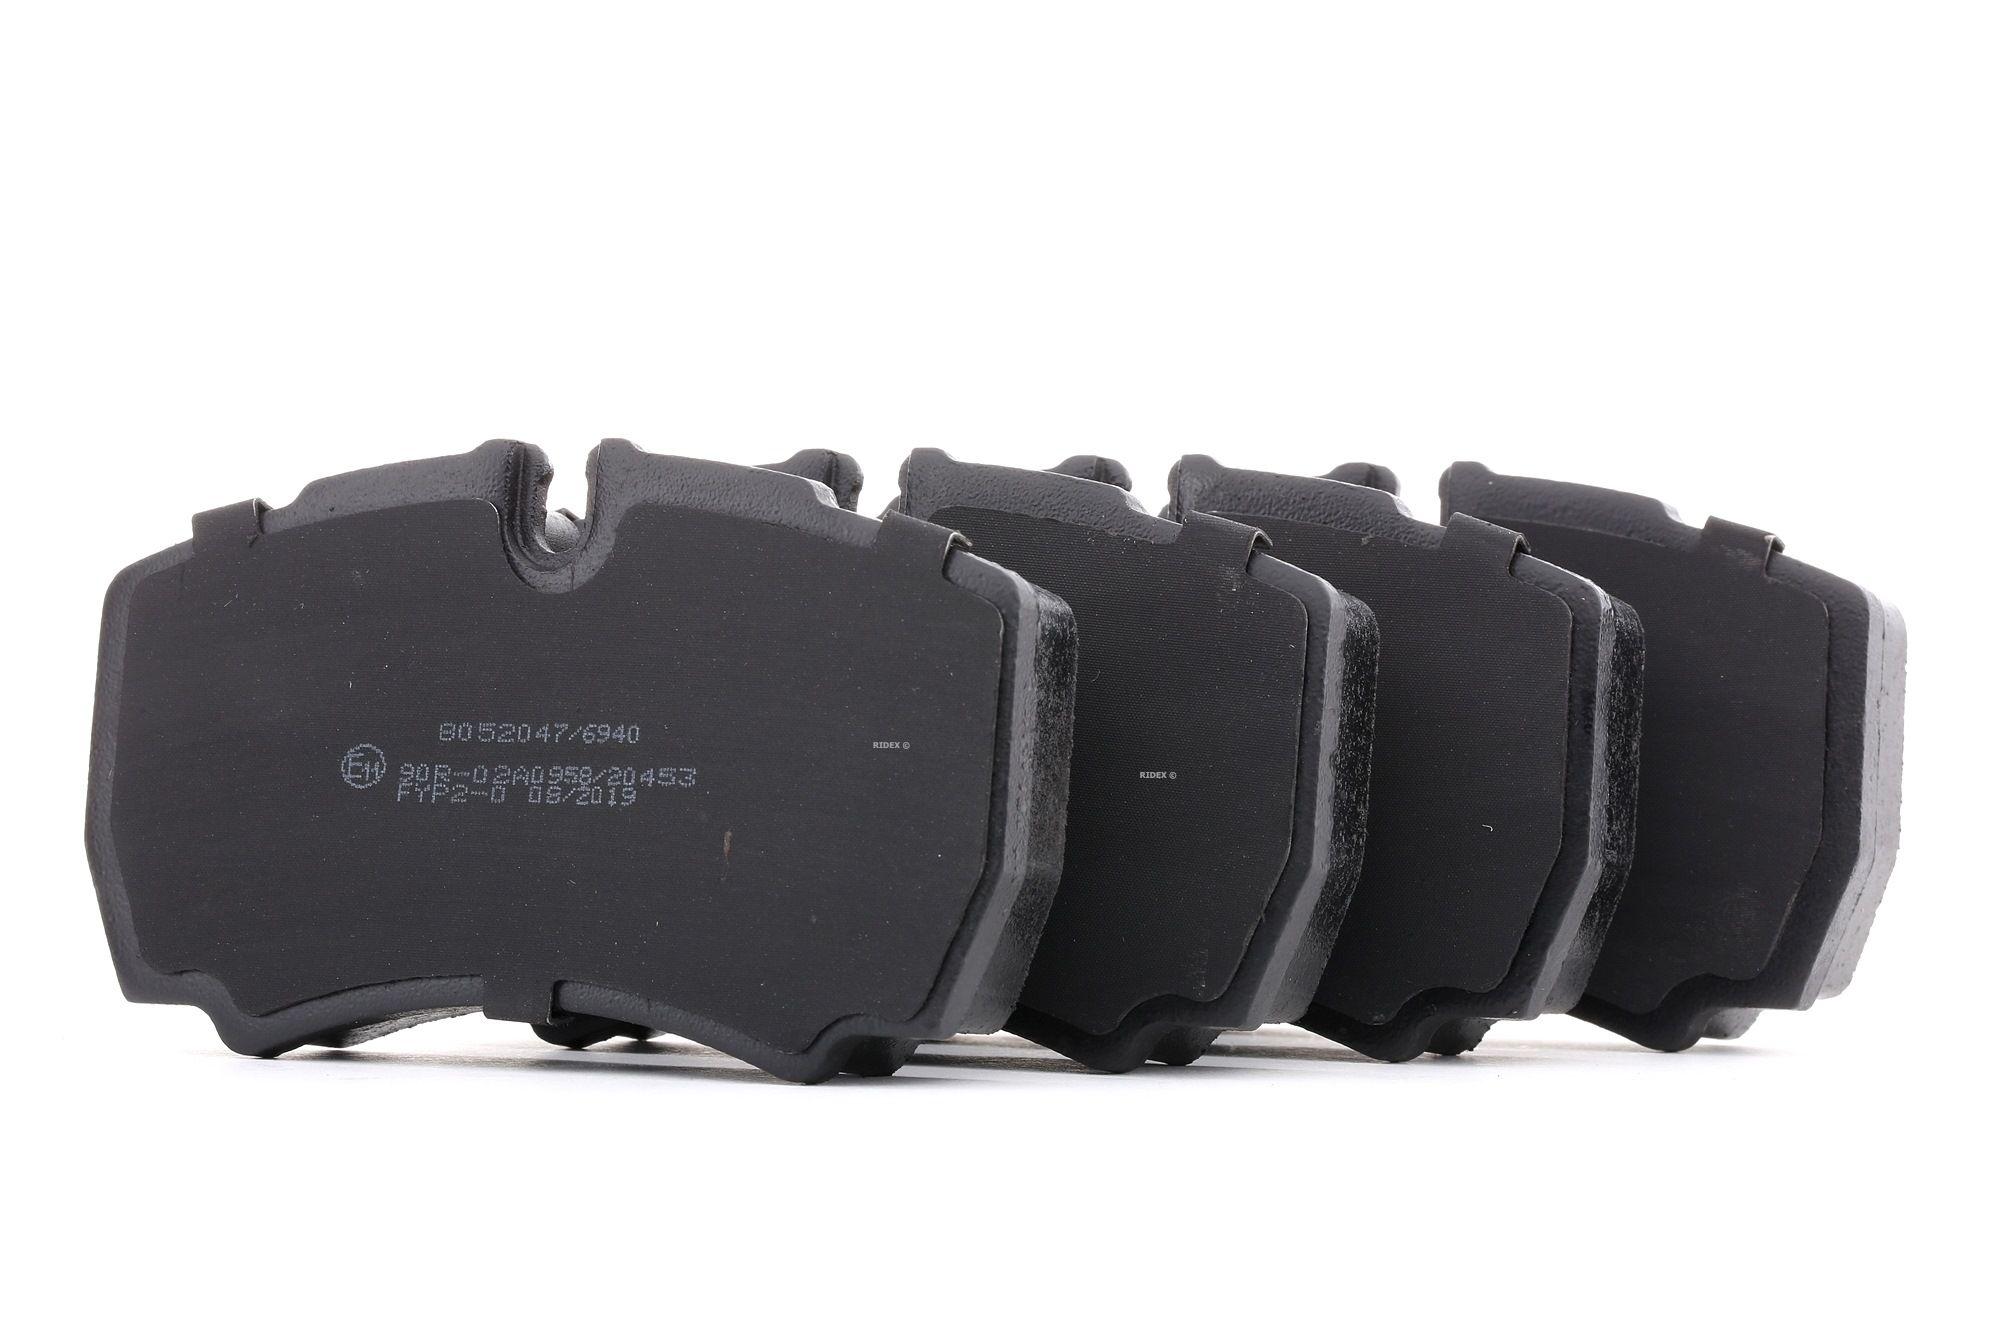 FORD TRANSIT 2020 Bremsbelagsatz - Original RIDEX 402B0865 Höhe 1: 63,9mm, Dicke/Stärke: 20,3mm